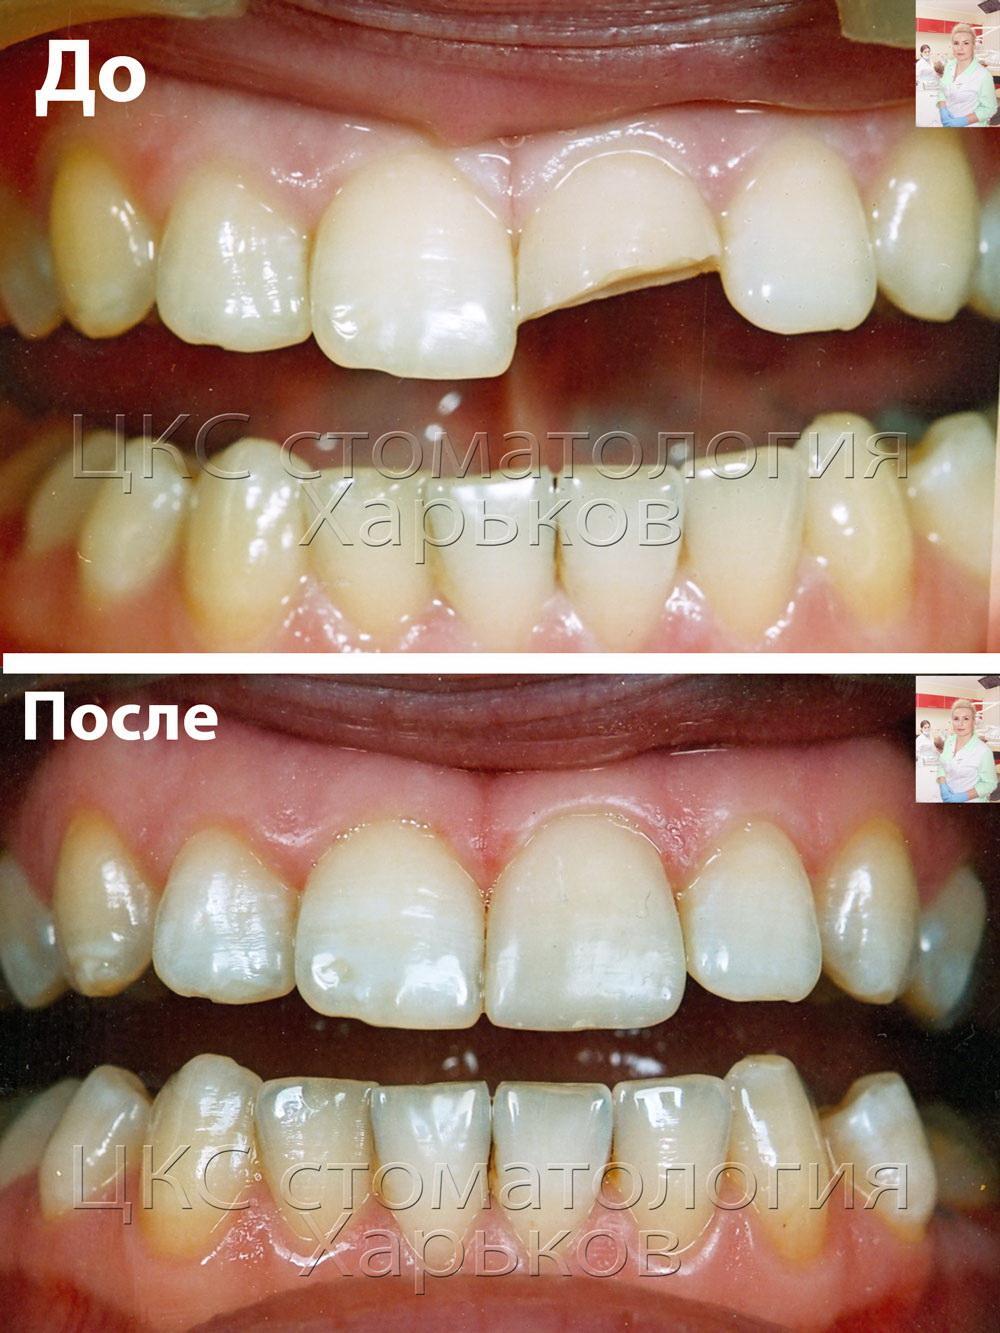 Восстановление зуба после перелома